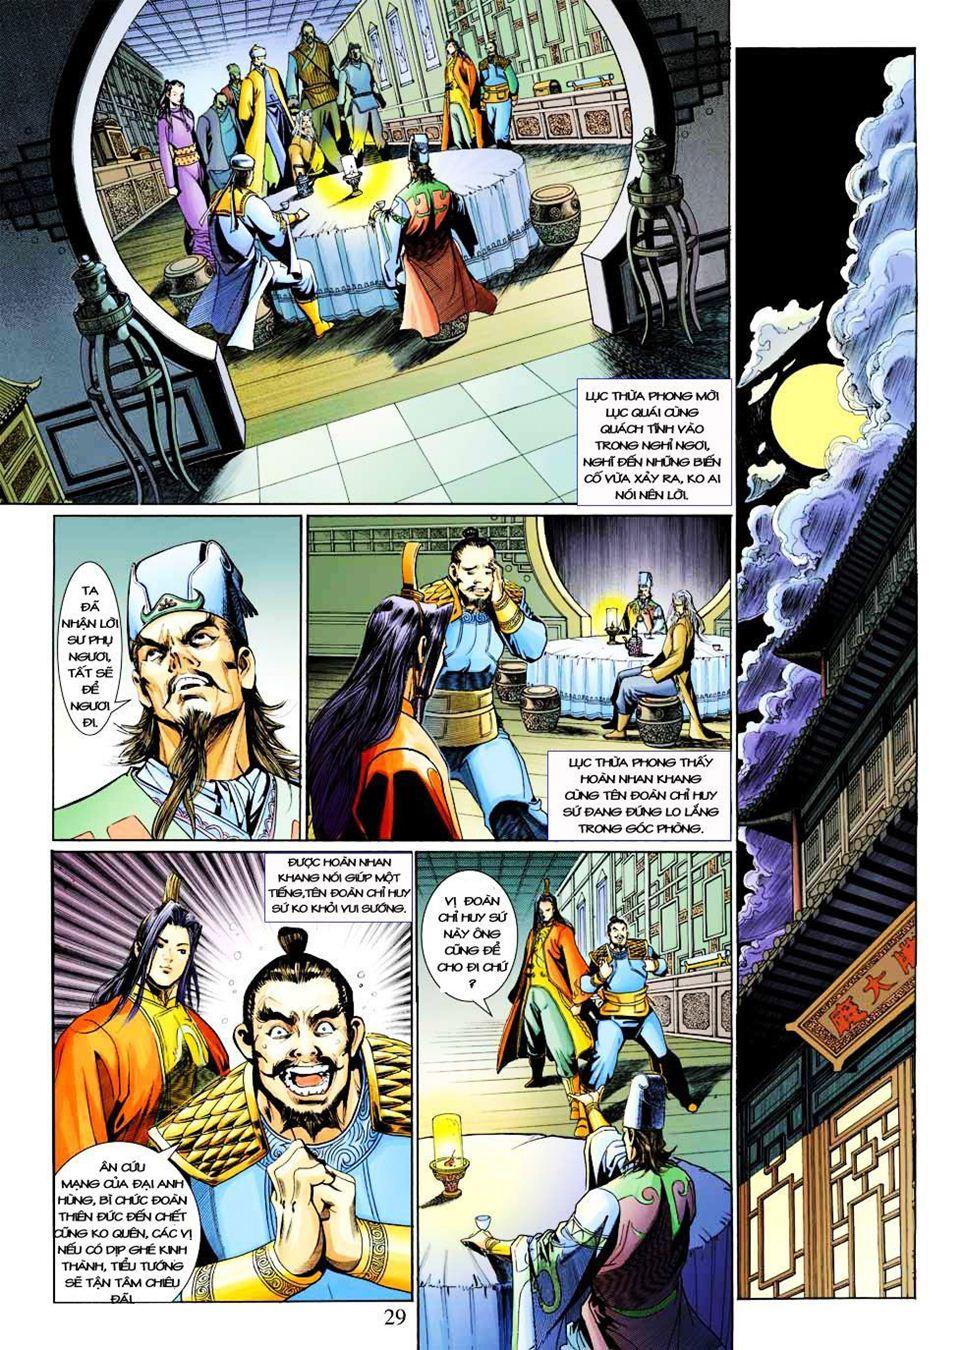 Anh Hùng Xạ Điêu anh hùng xạ đêu chap 33 trang 29